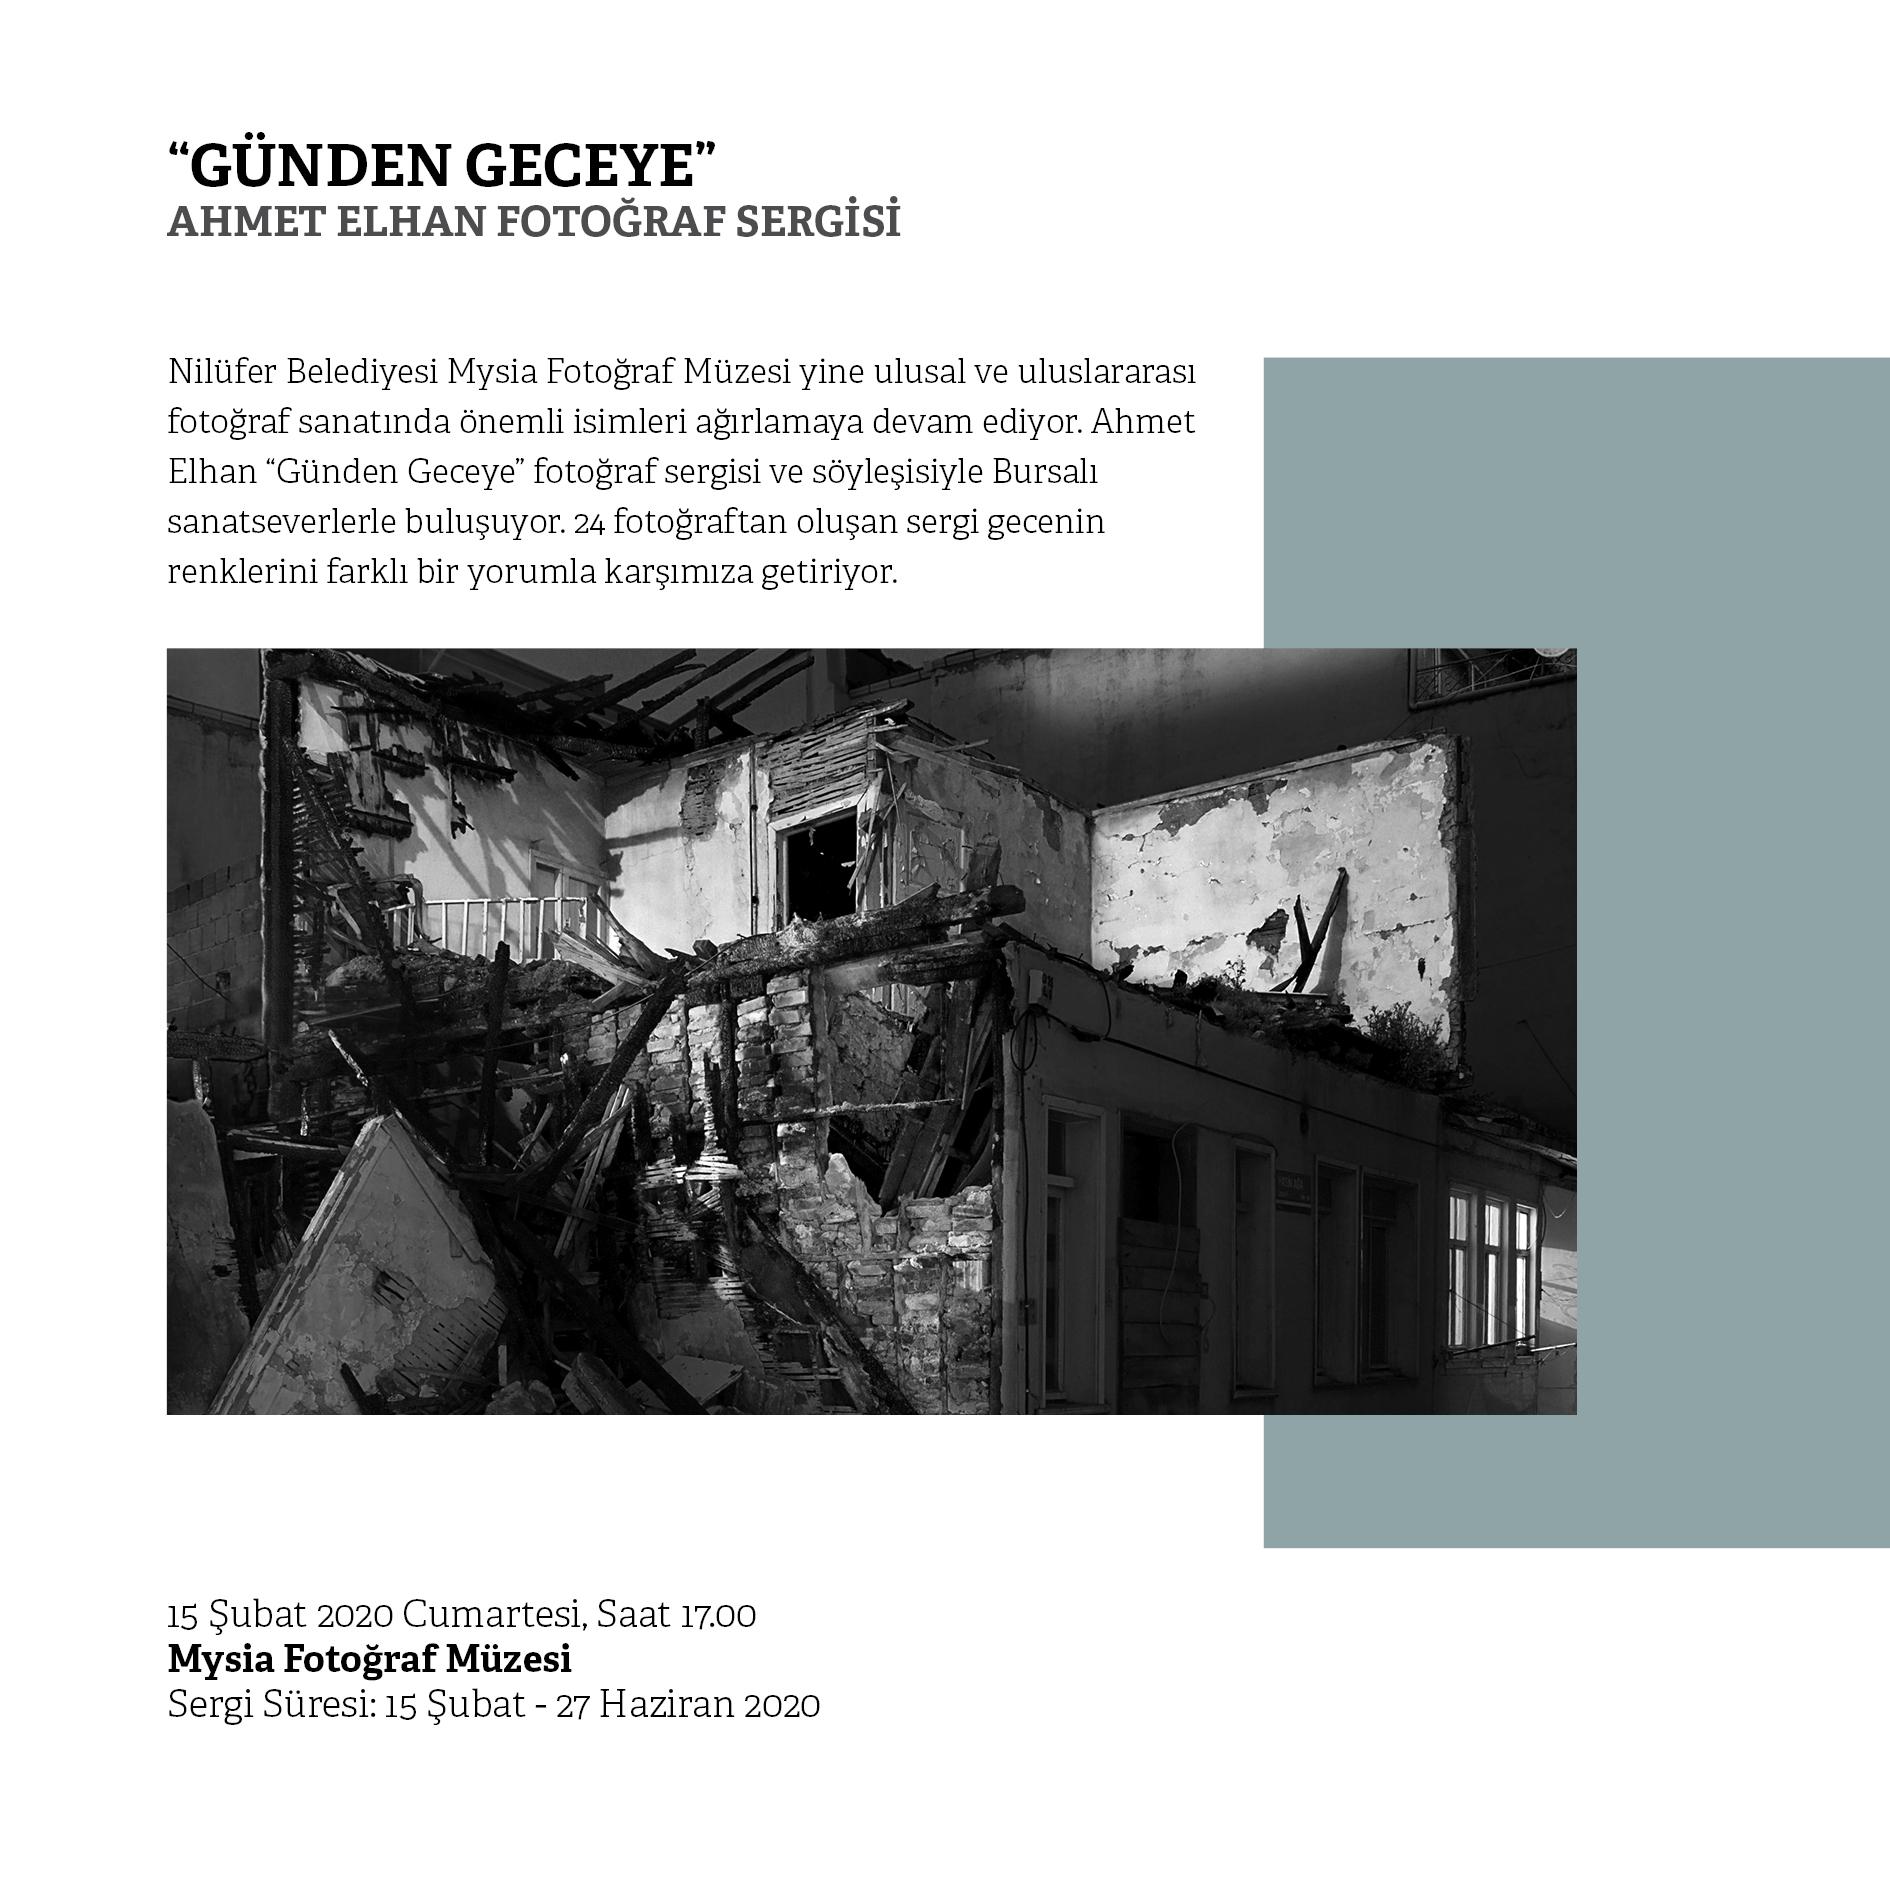 Günden Geceye | Ahmet Elhan Fotoğraf Sergisi